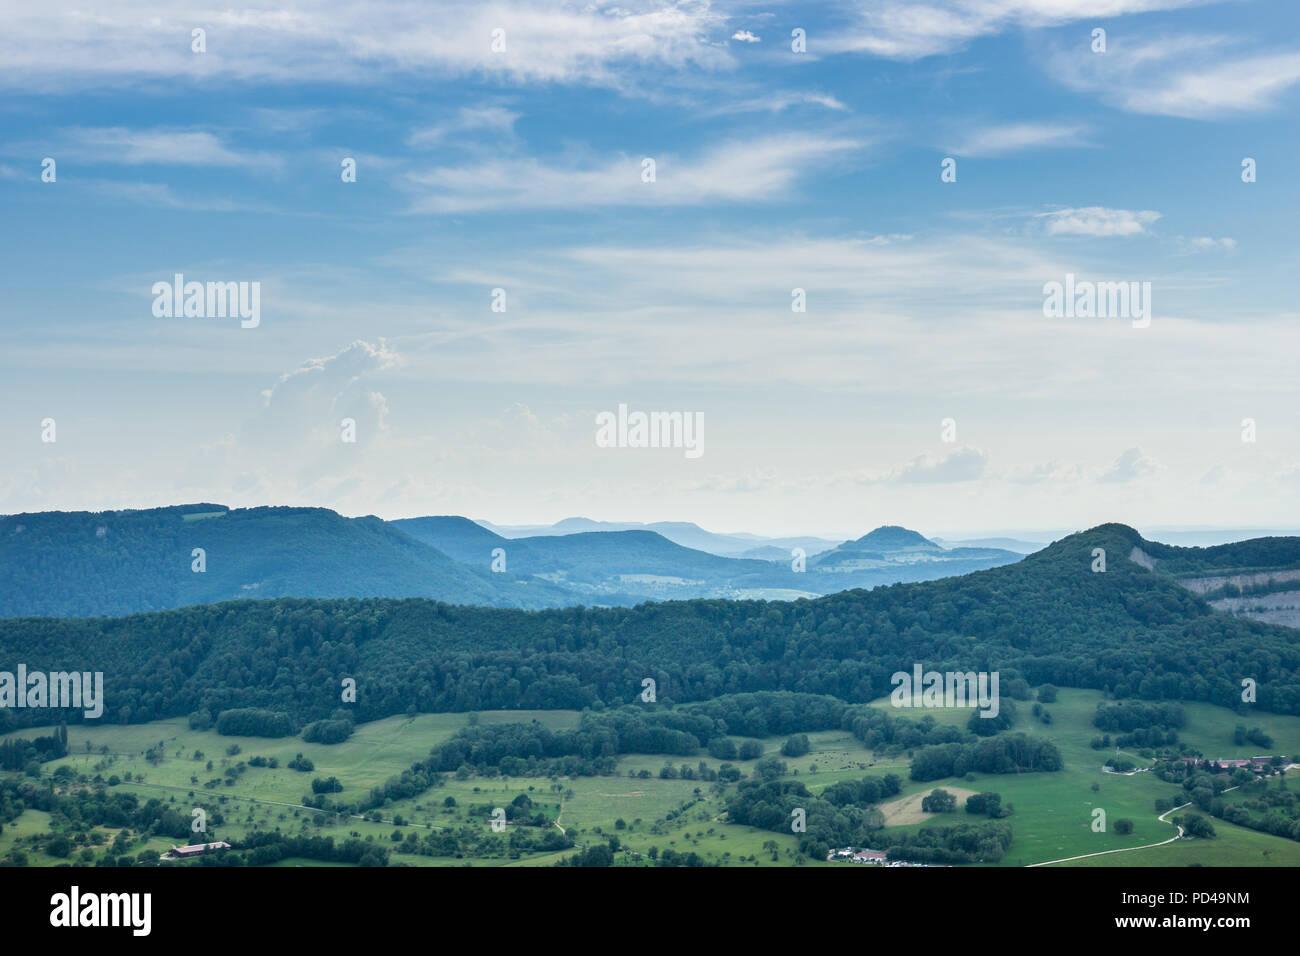 Deutschland, endlose Hügel der Schwäbischen Alb Natur Landschaft in der Nähe von Stuttgart Stockbild